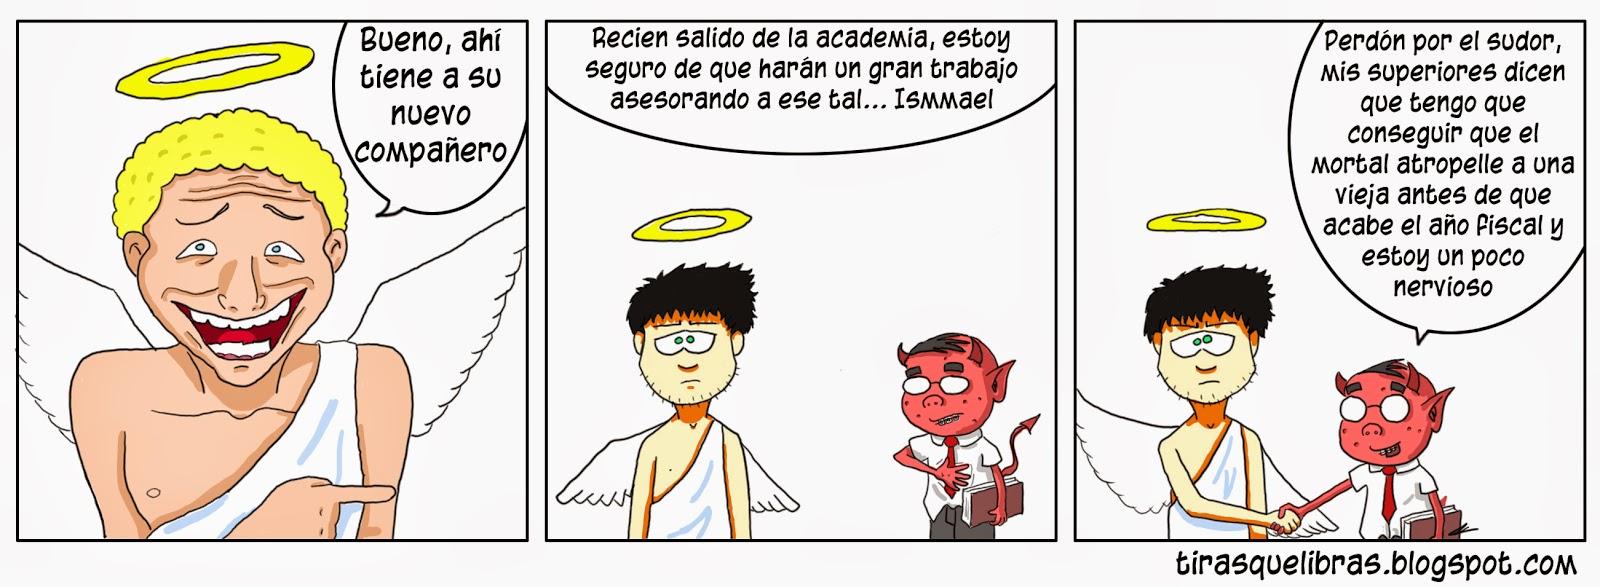 webcomic ye lo que hay, el angelito tiene nuevo compañero